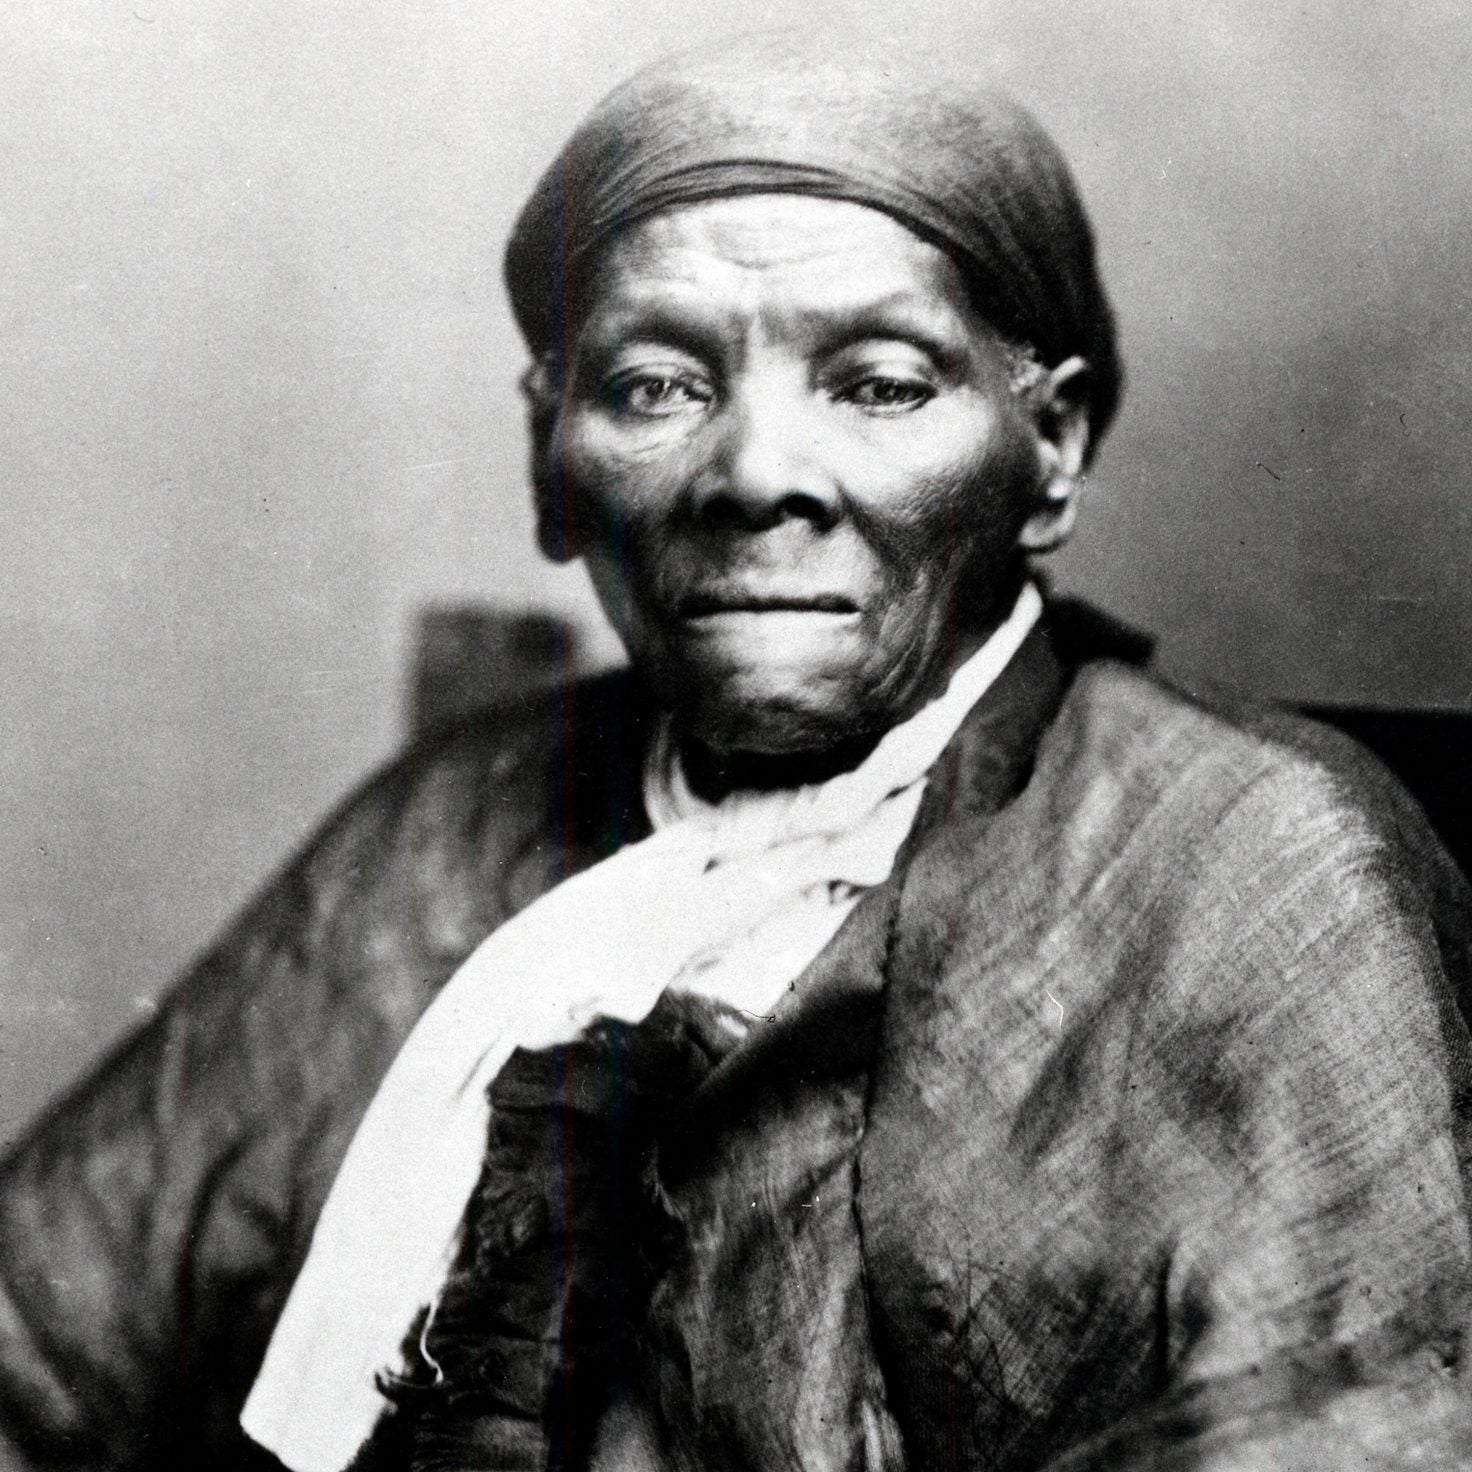 Harriet Tubman $20 Bill Design Surfaced This Week